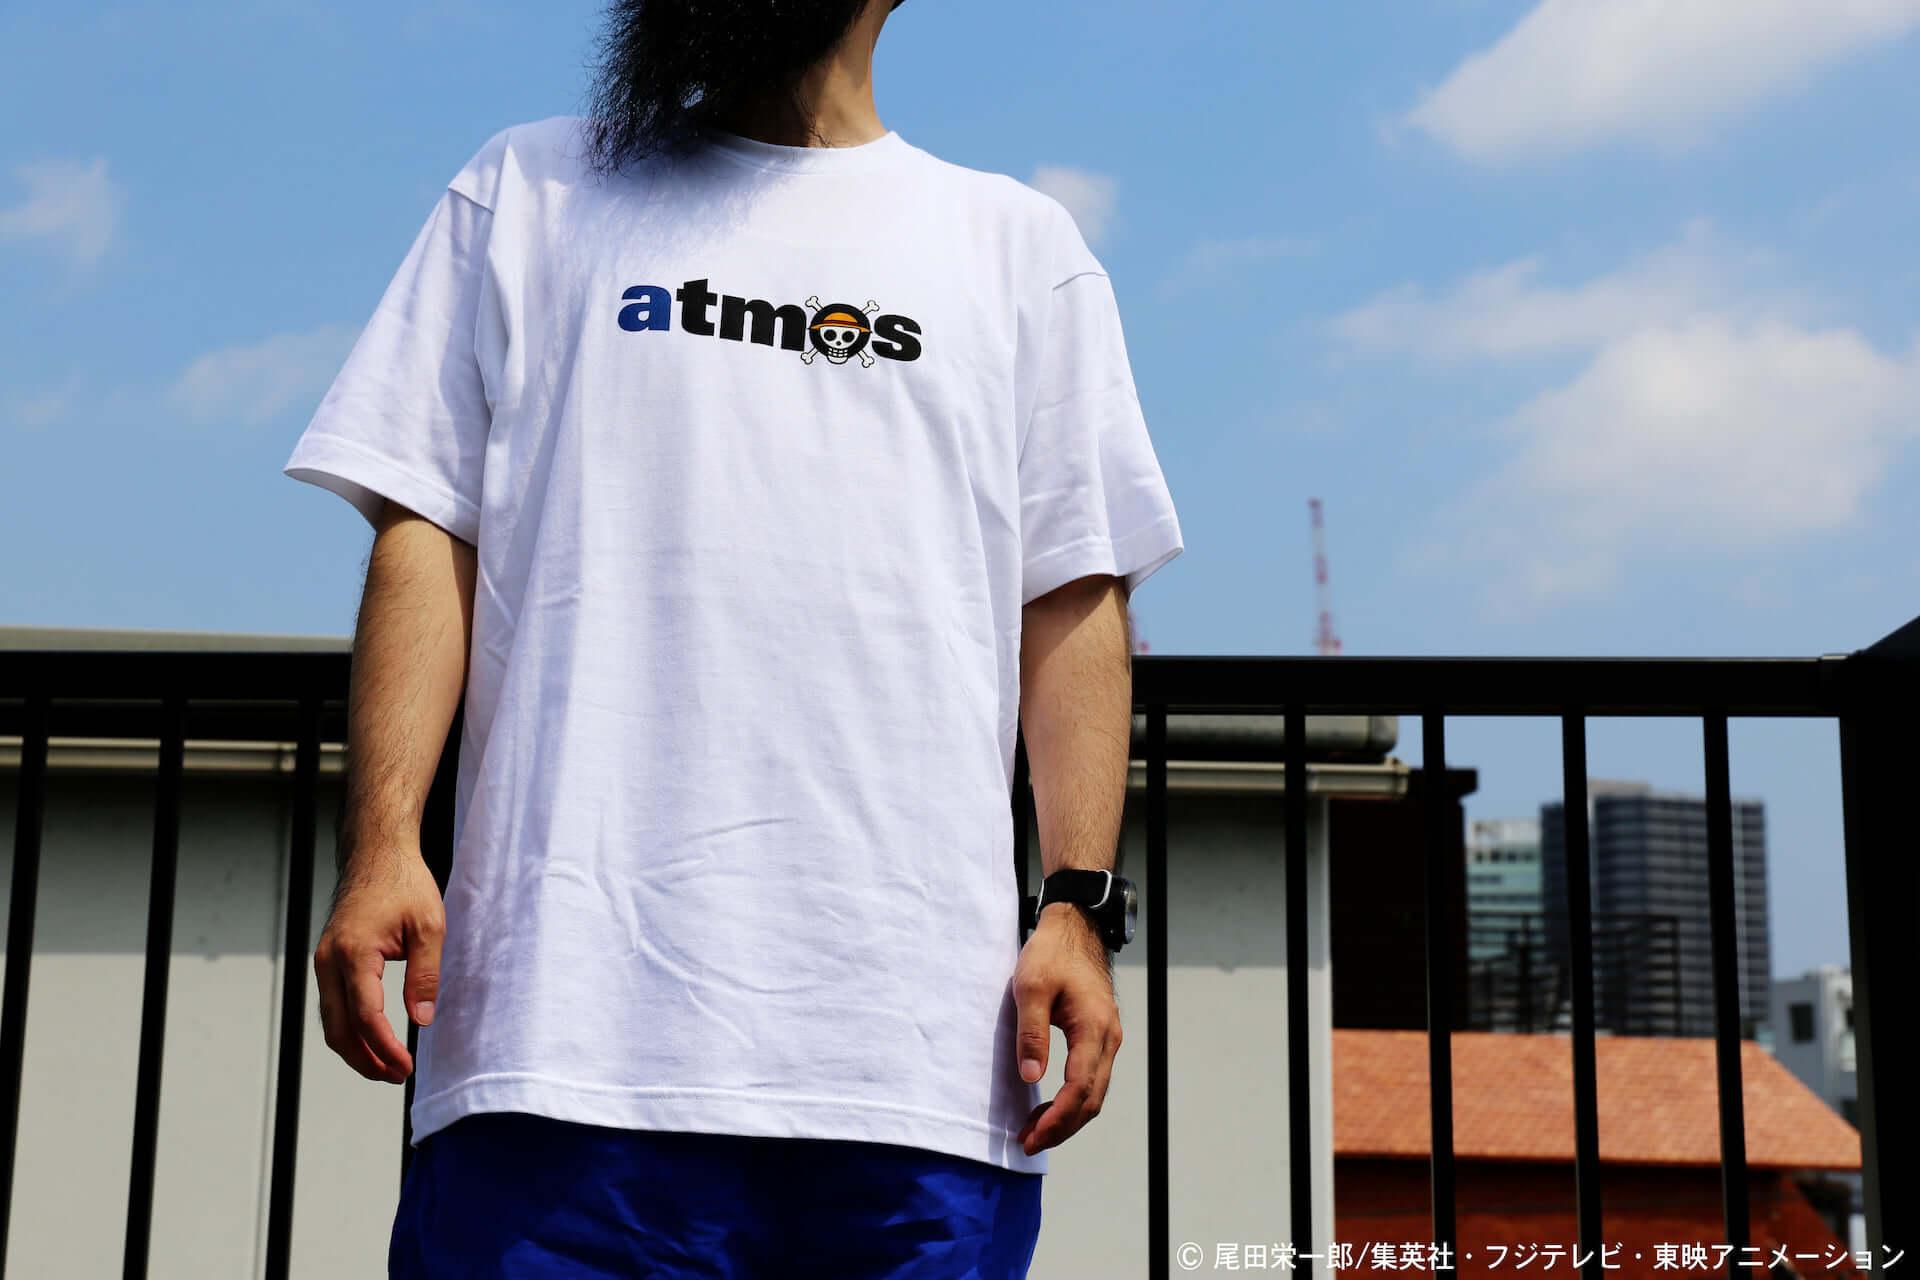 ルフィが手にするのはatmosのスニーカー!?atmos×『ONE PIECE』コラボアイテムが登場 lifefashion190802onepiece-atmos_4-1920x1280